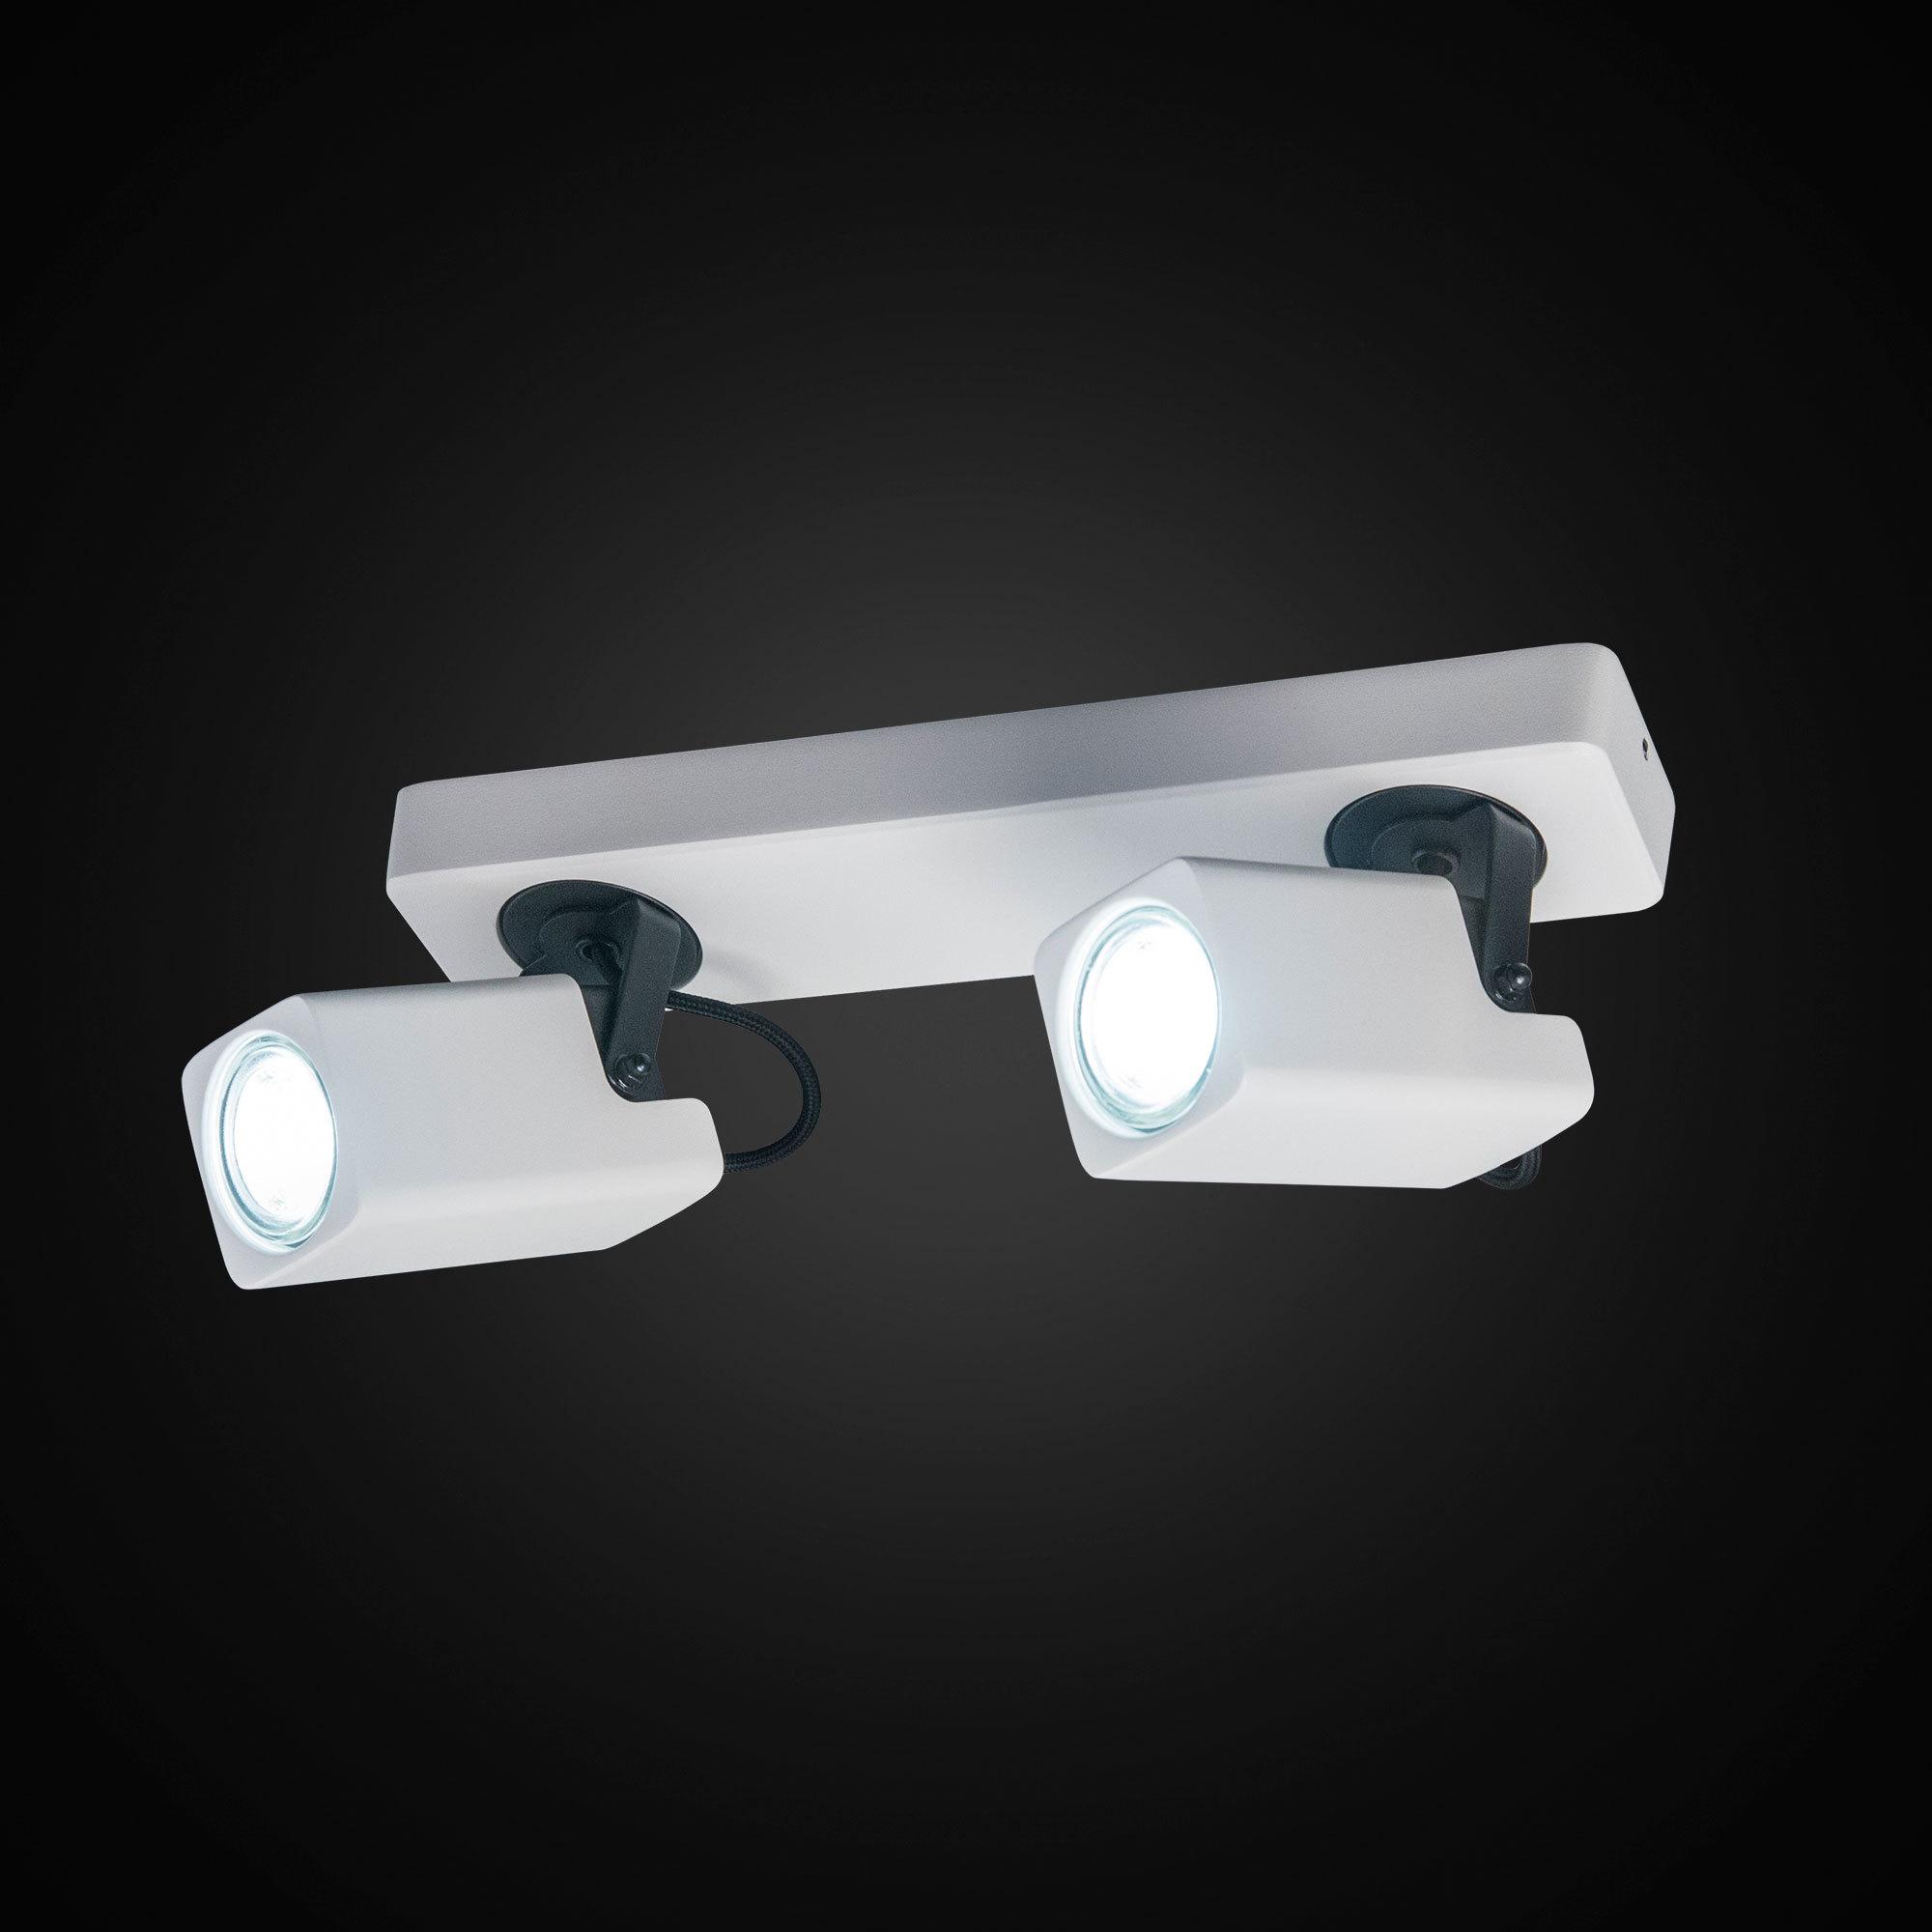 Потолочный светильник с регулировкой направления света Citilux Норман CL533620, 2xGU10x50W - фото 2